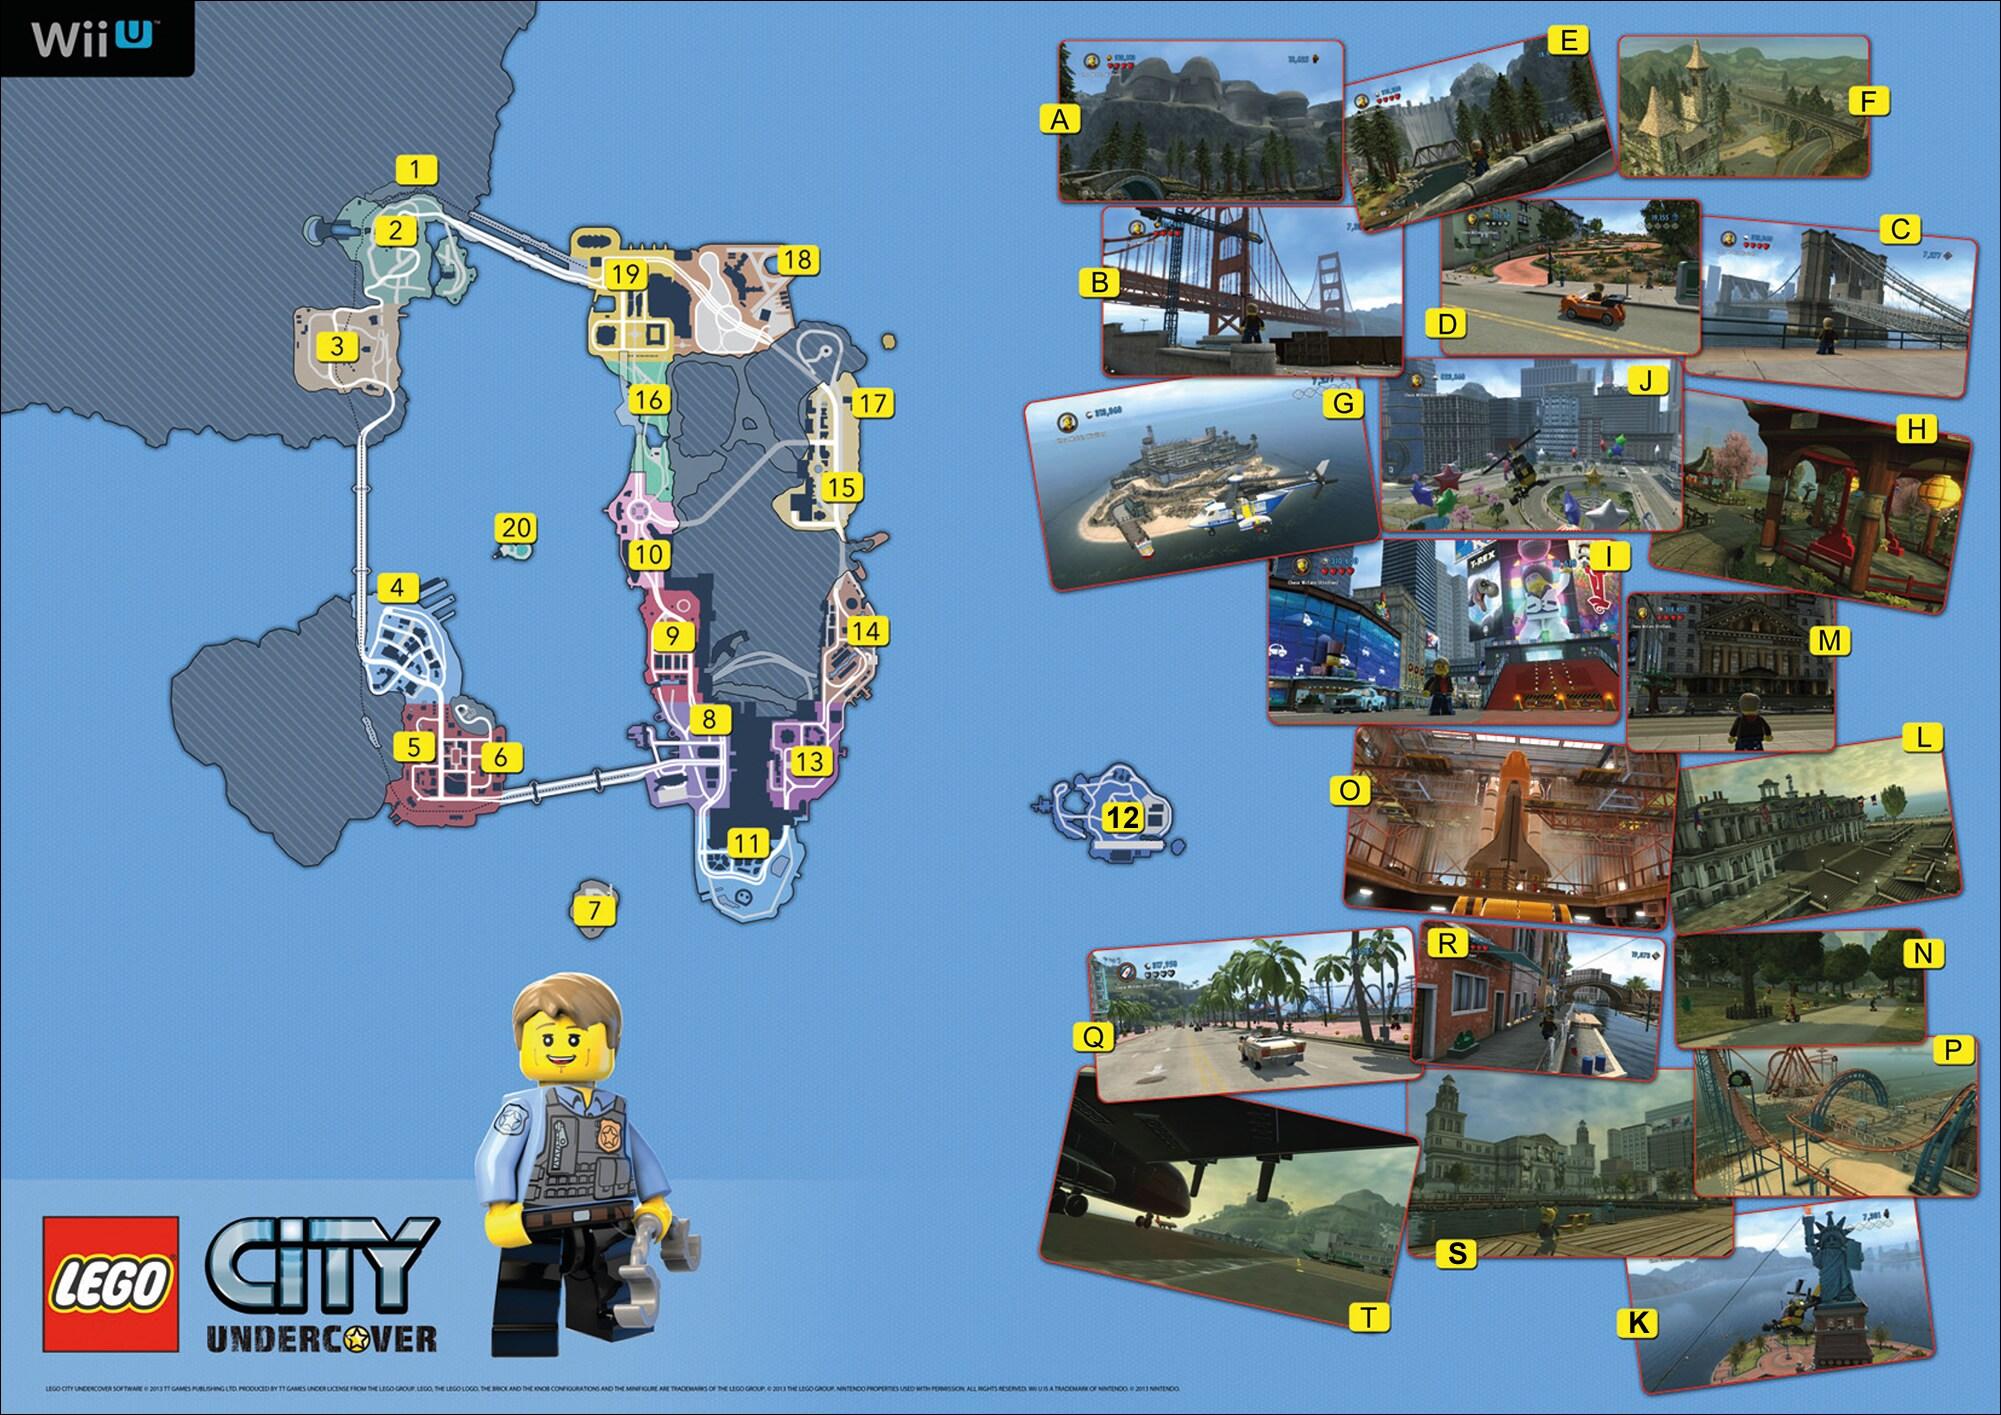 LEGO City Undercover Mappa